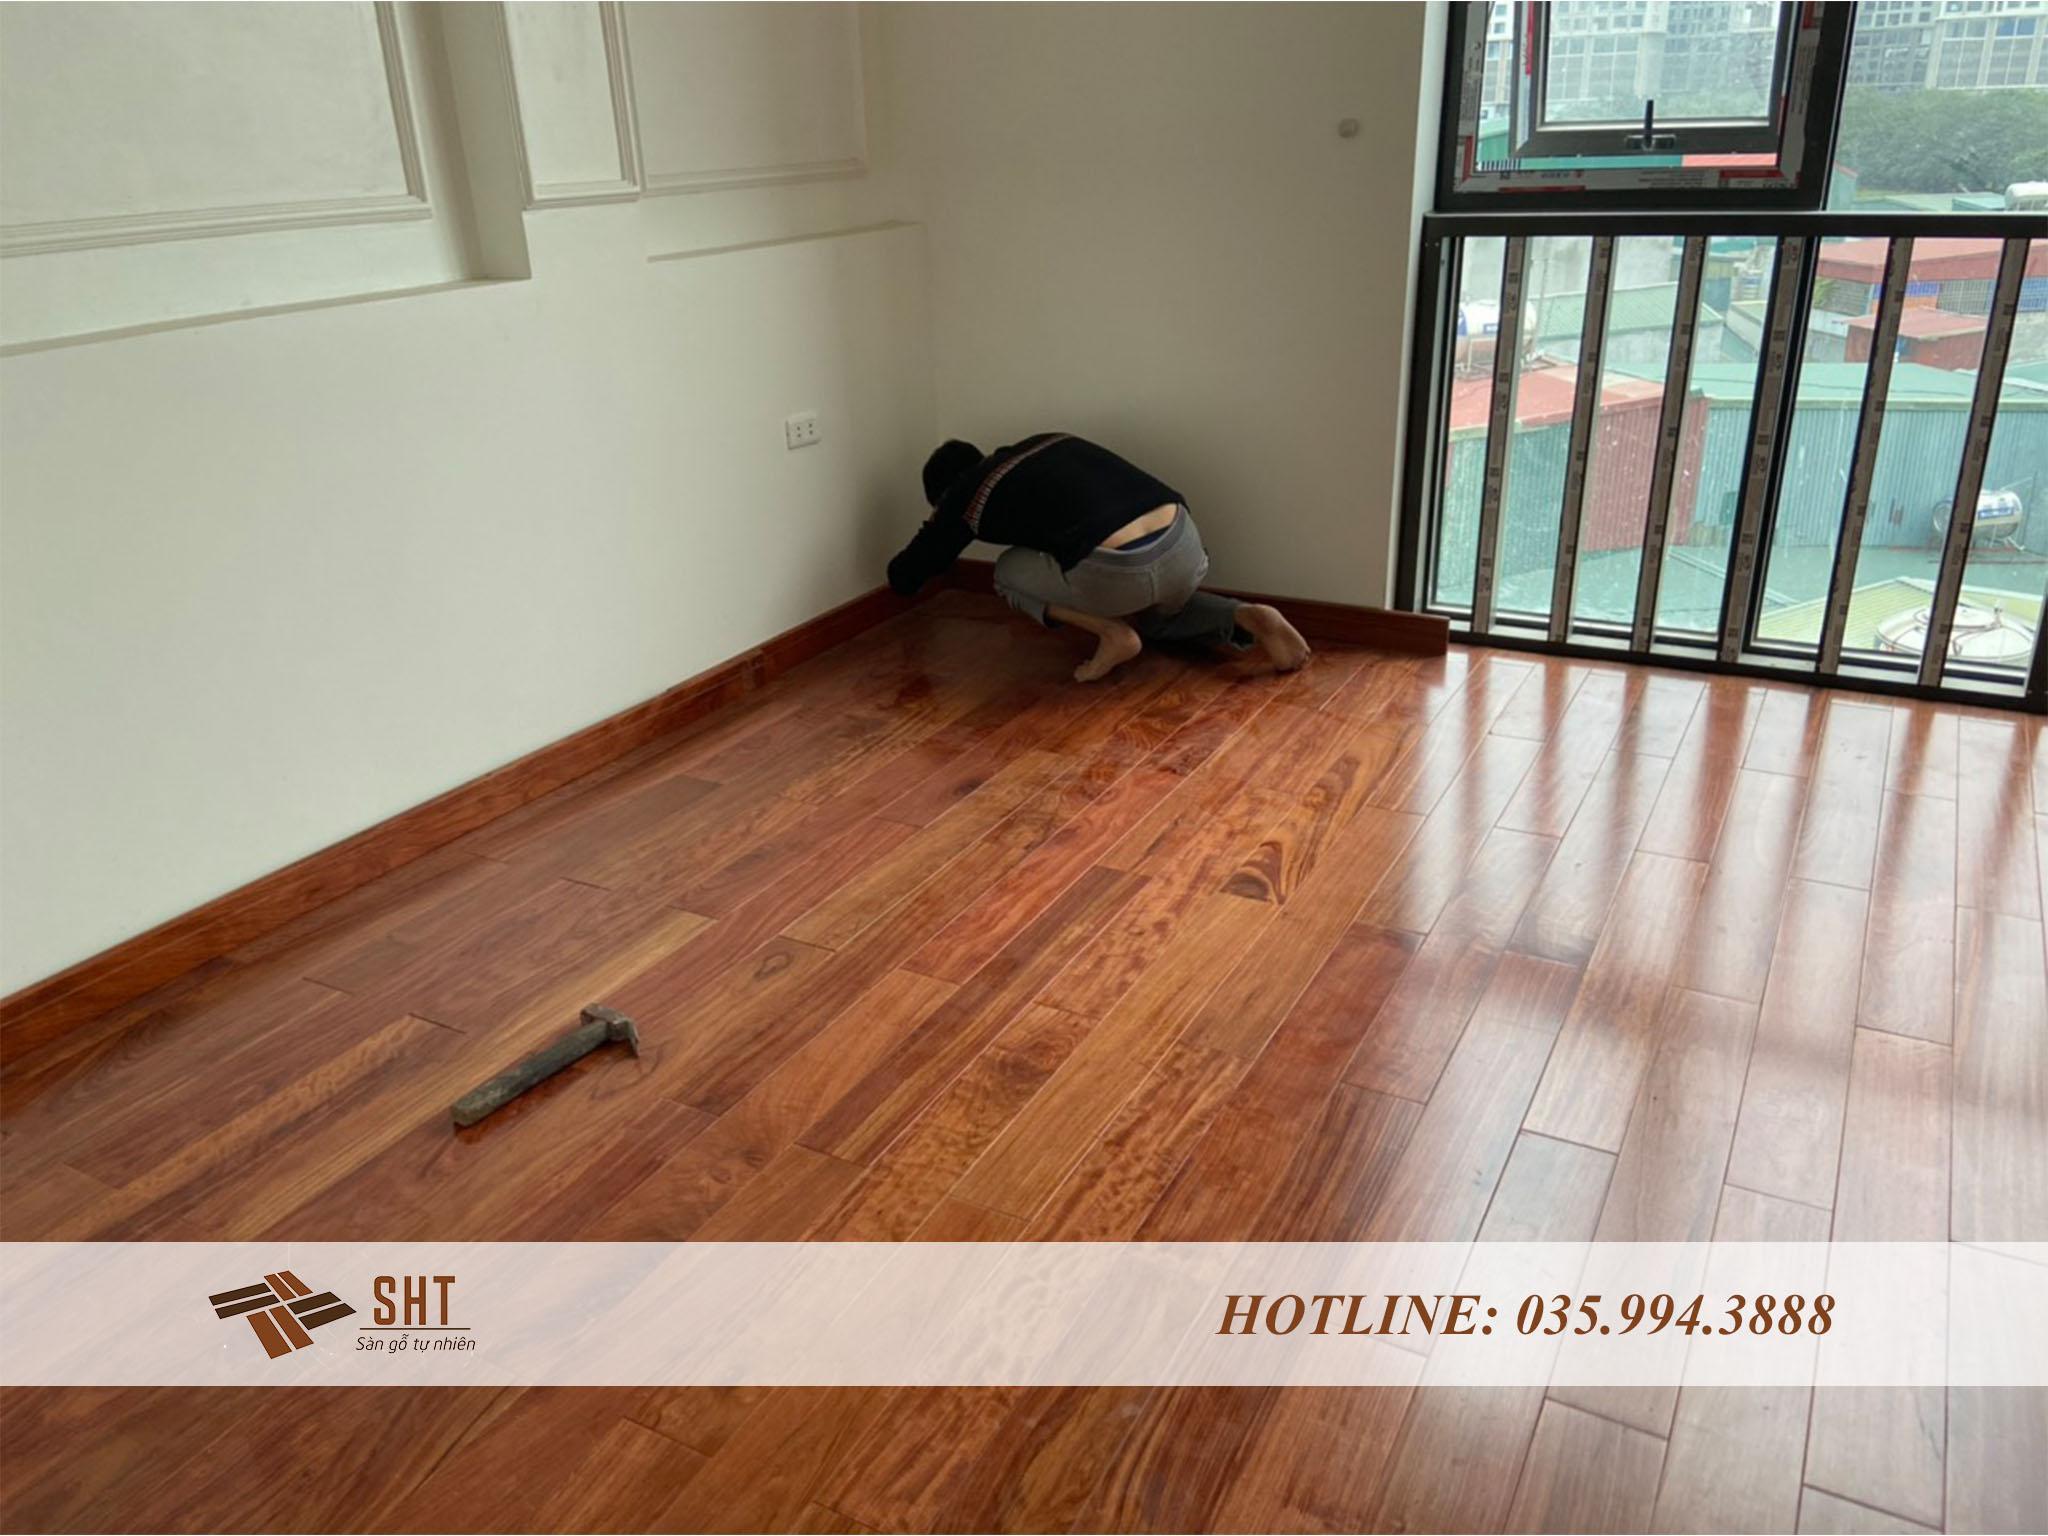 tiến hành lắp đặt sàn gỗ